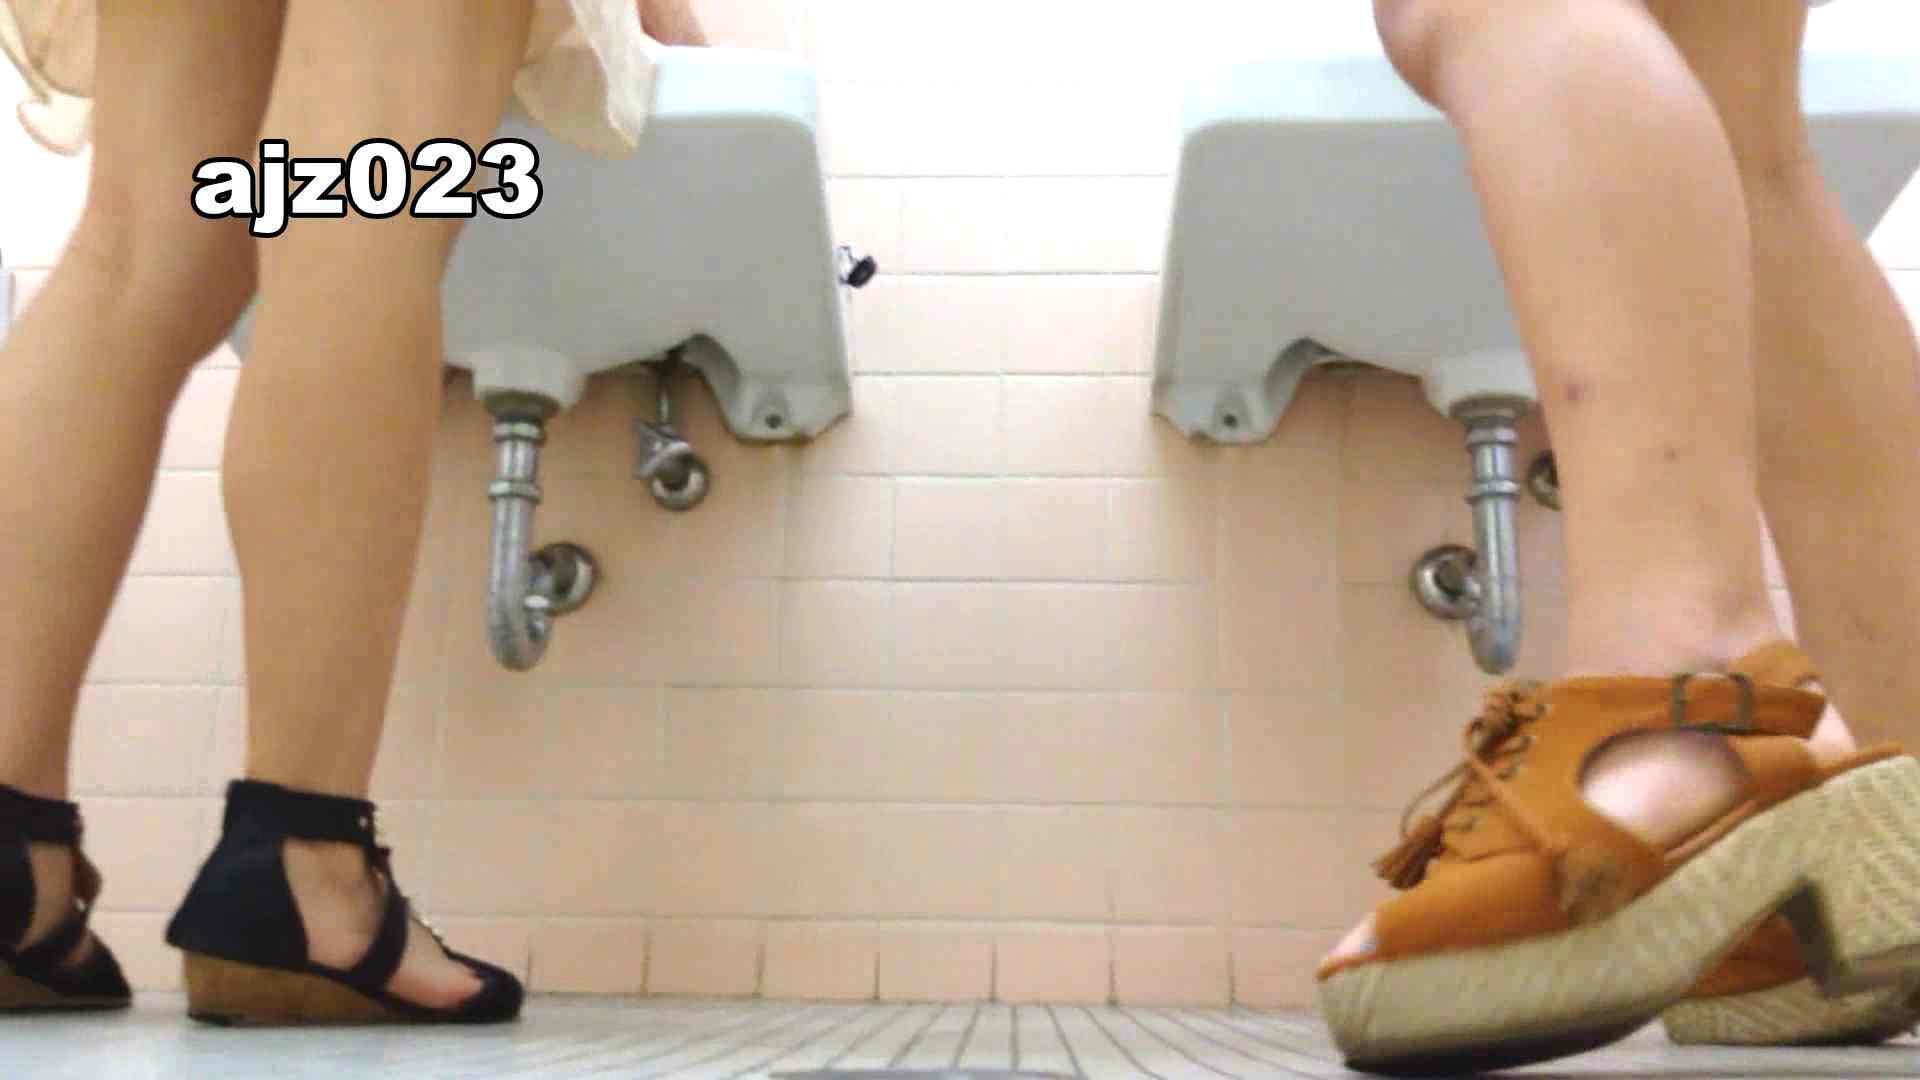 某有名大学女性洗面所 vol.23 洗面所 | HなOL  98pic 55